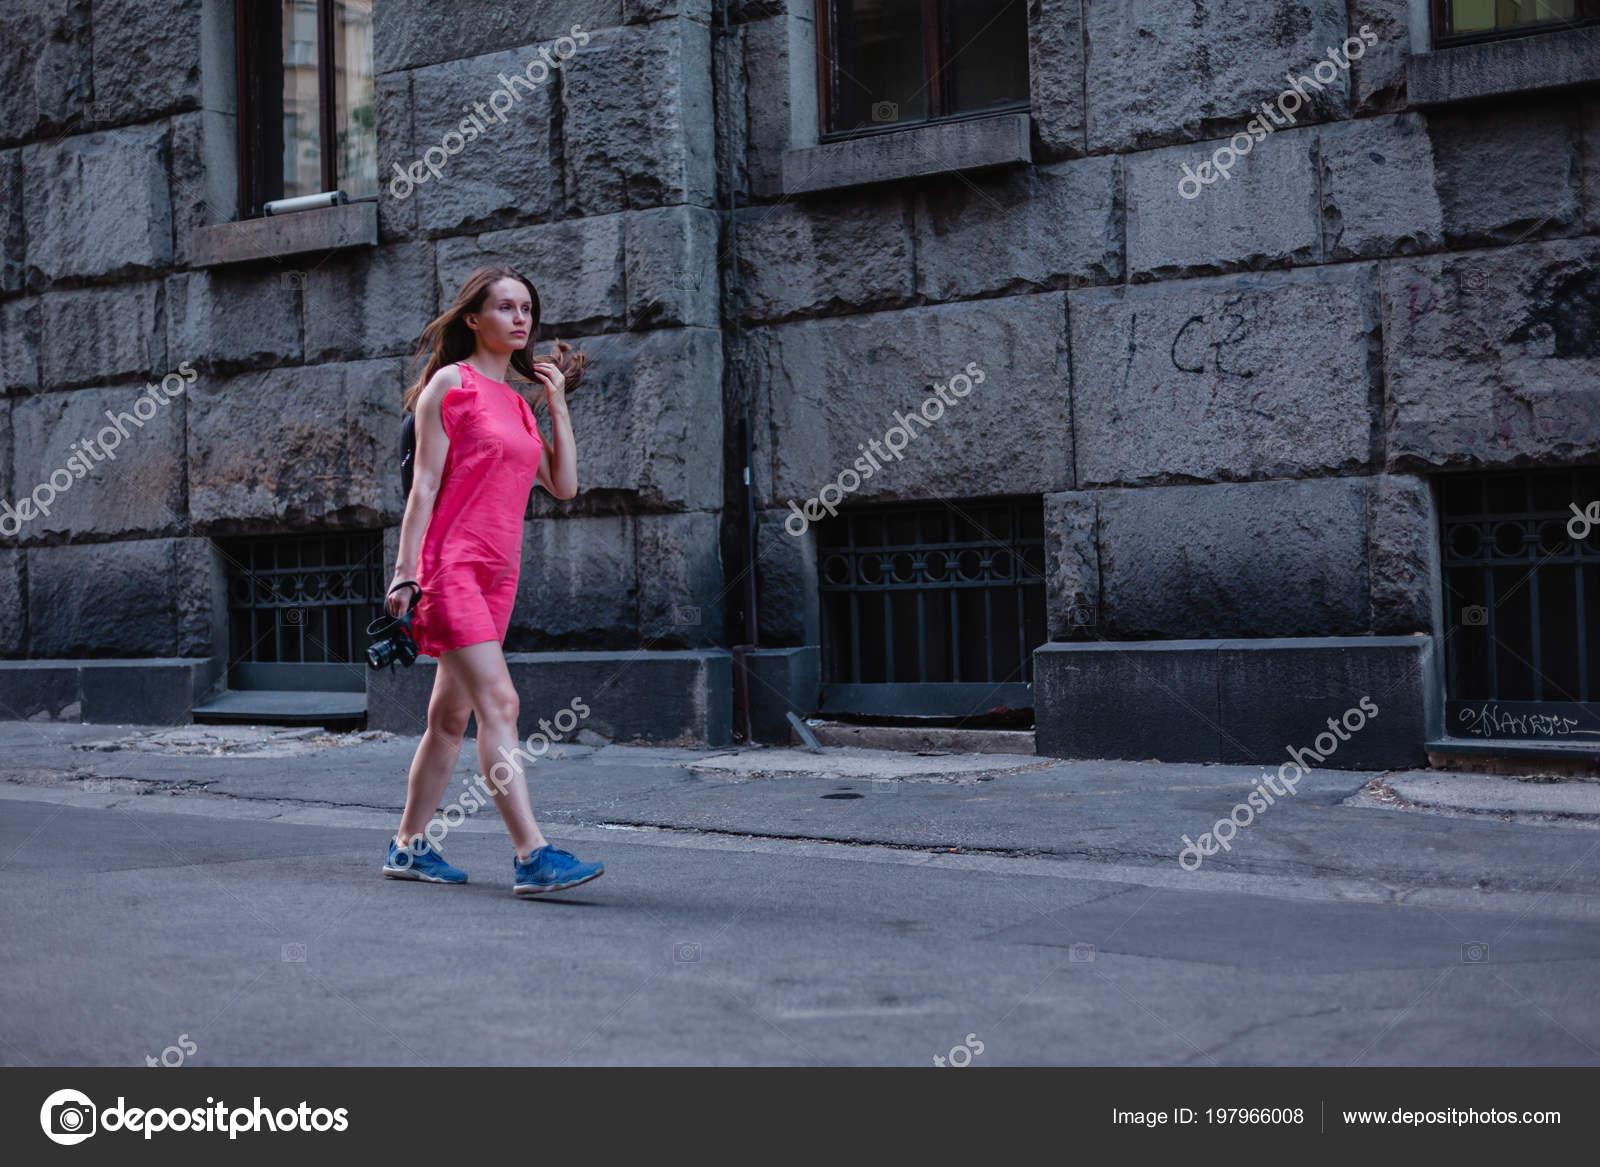 Камера под платьем женщин, старые вешалки секс